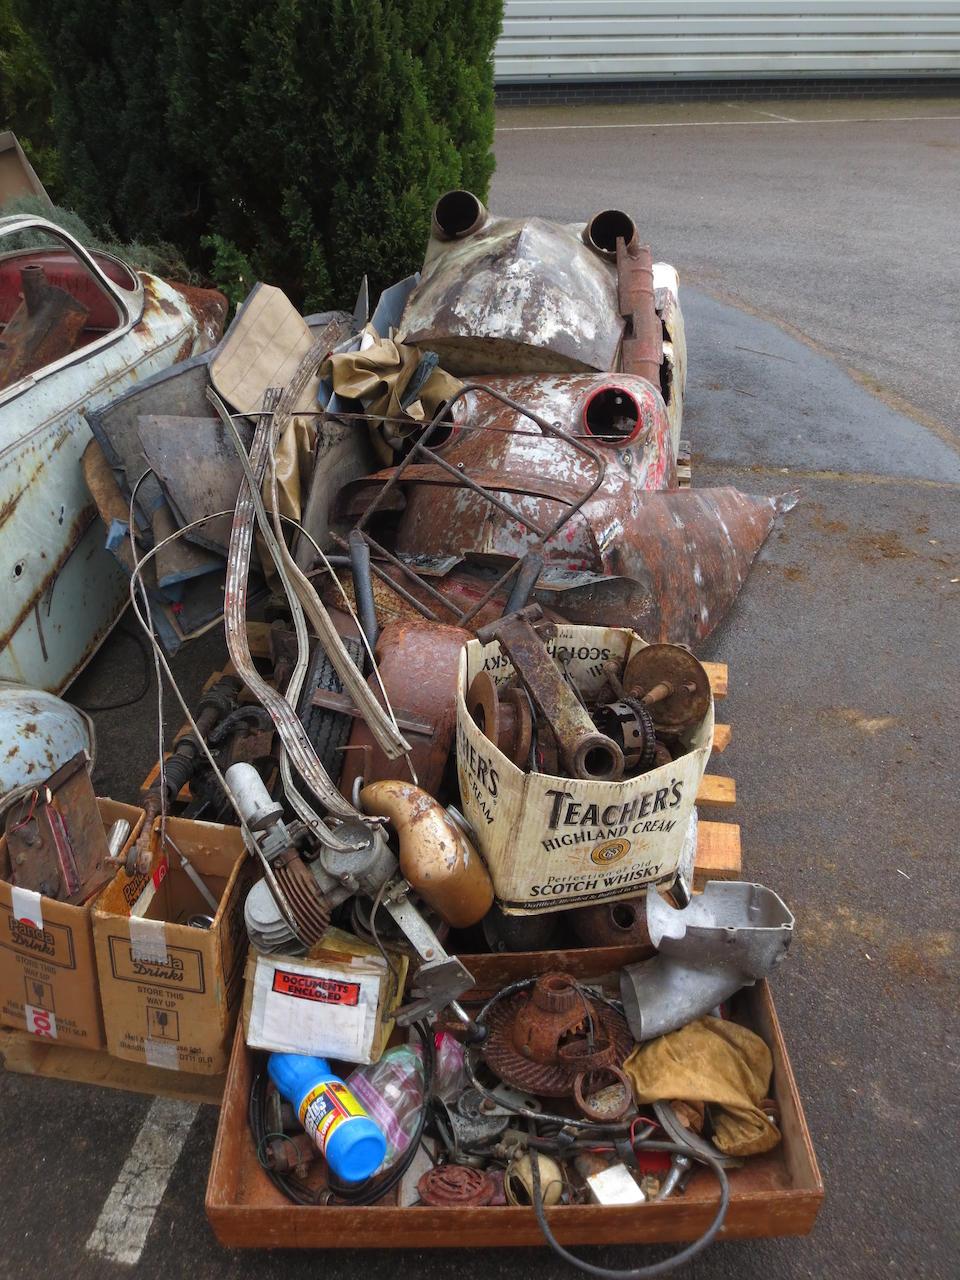 Property of a deceased's estate,Messerschmitt Kabinenroller Project